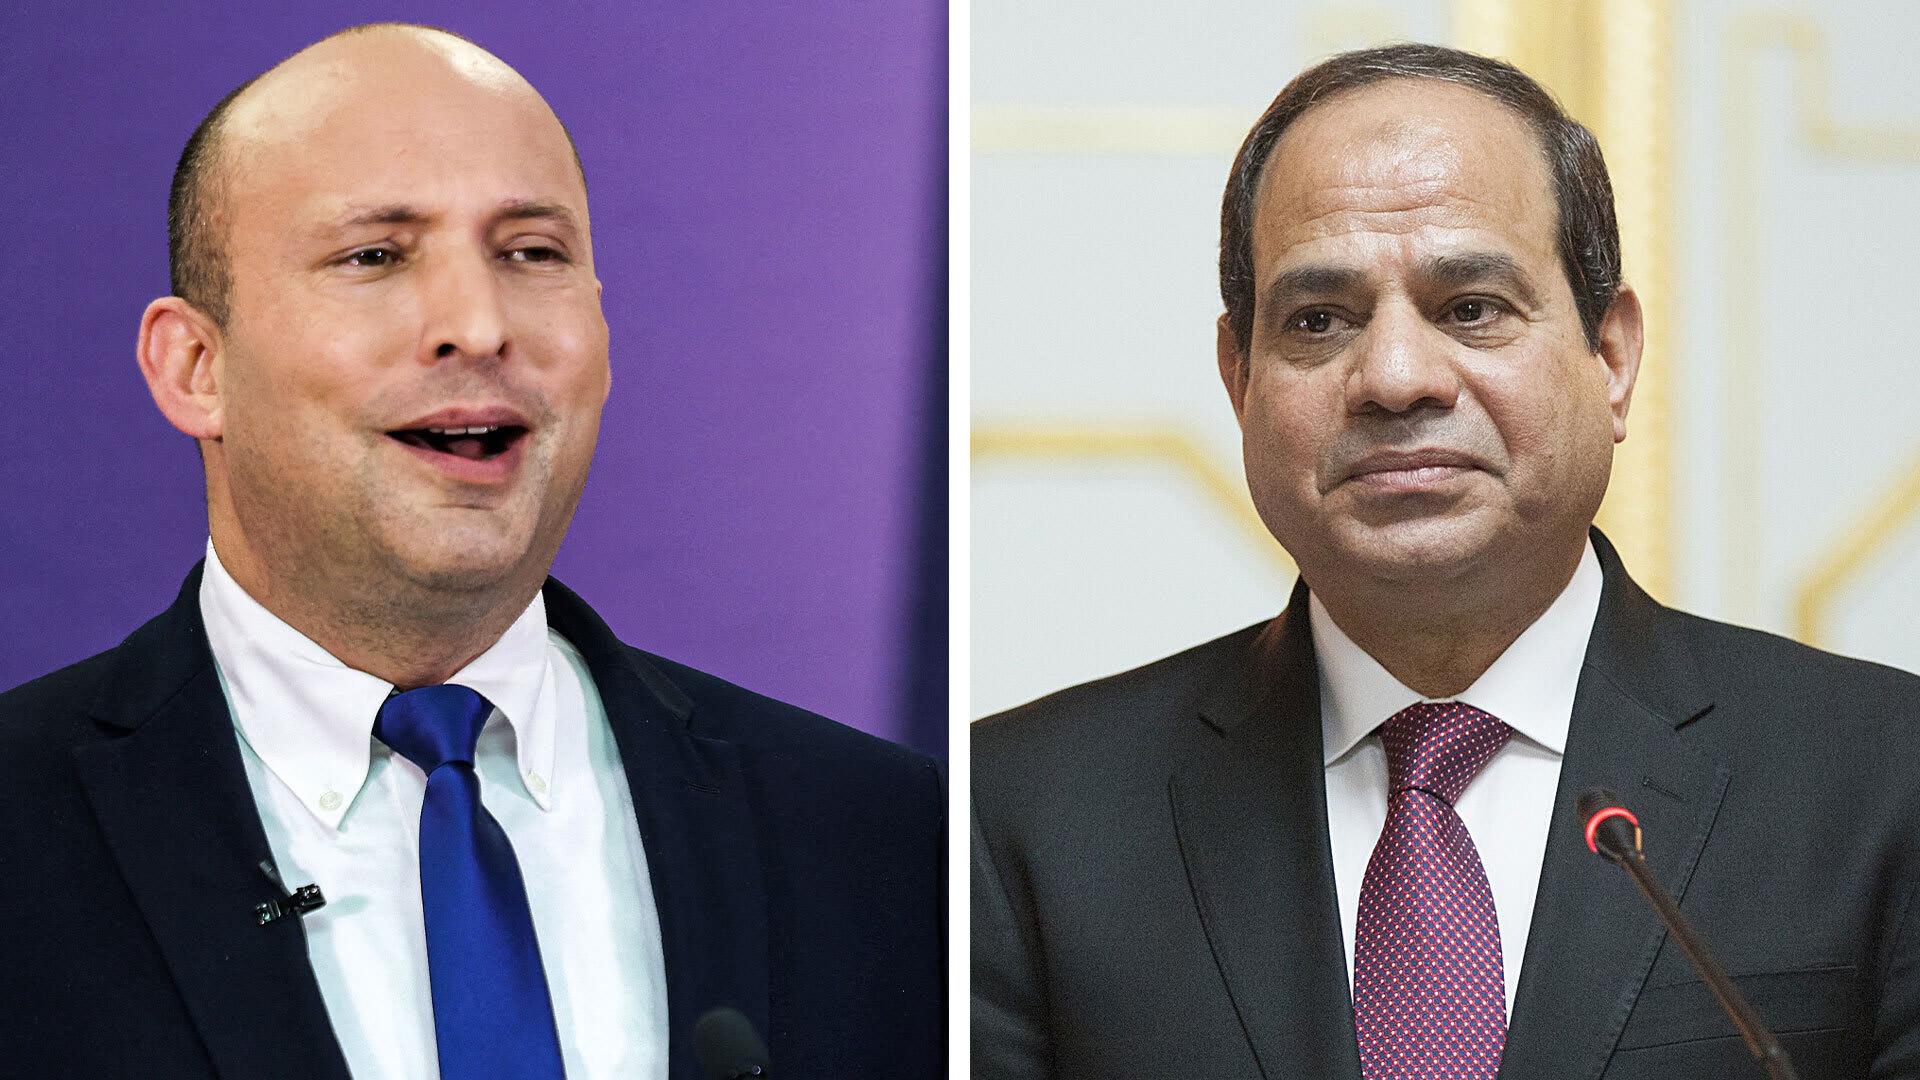 الرئيس المصري عبدالفتاح السيسي (من اليمين) ورئيس الوزراء الإسرائيلي نفالتي بينيت (من اليسار)